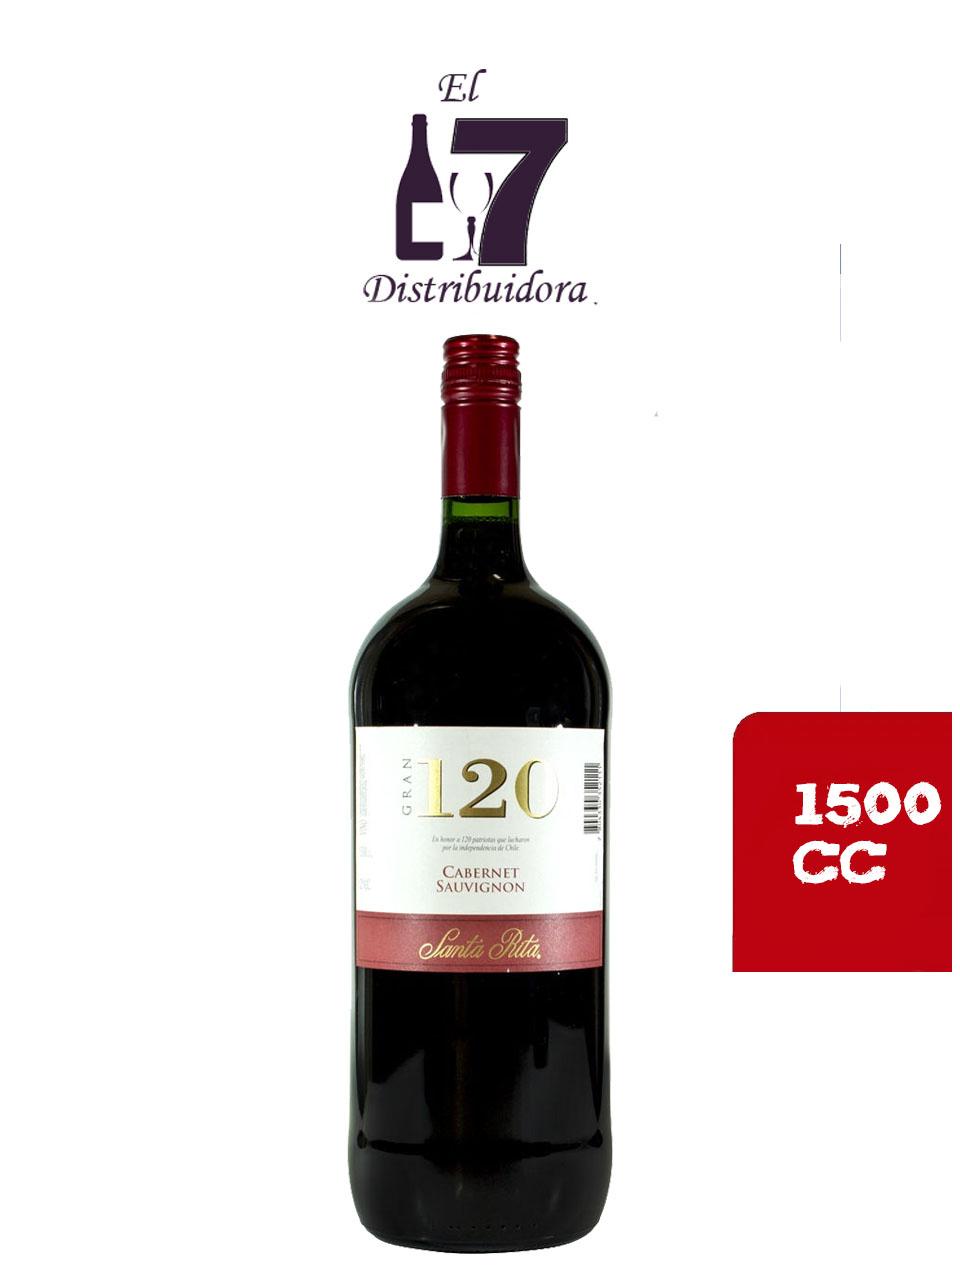 120 Gran Cabernet Sauvignon 1500 CC x 6 unidades